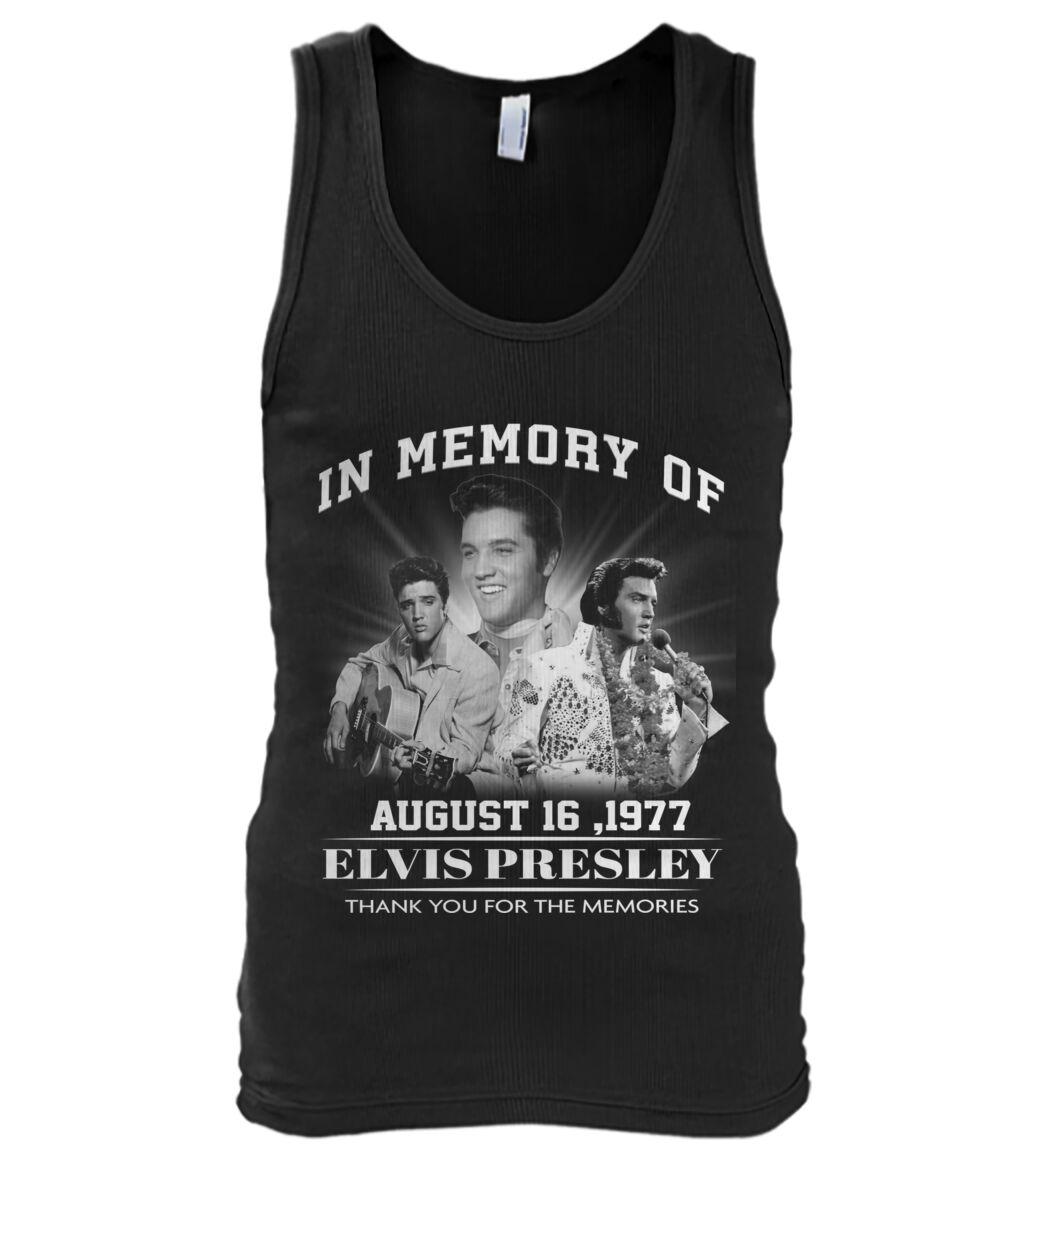 In memory of Elvis Presley August 16 1977 tank top